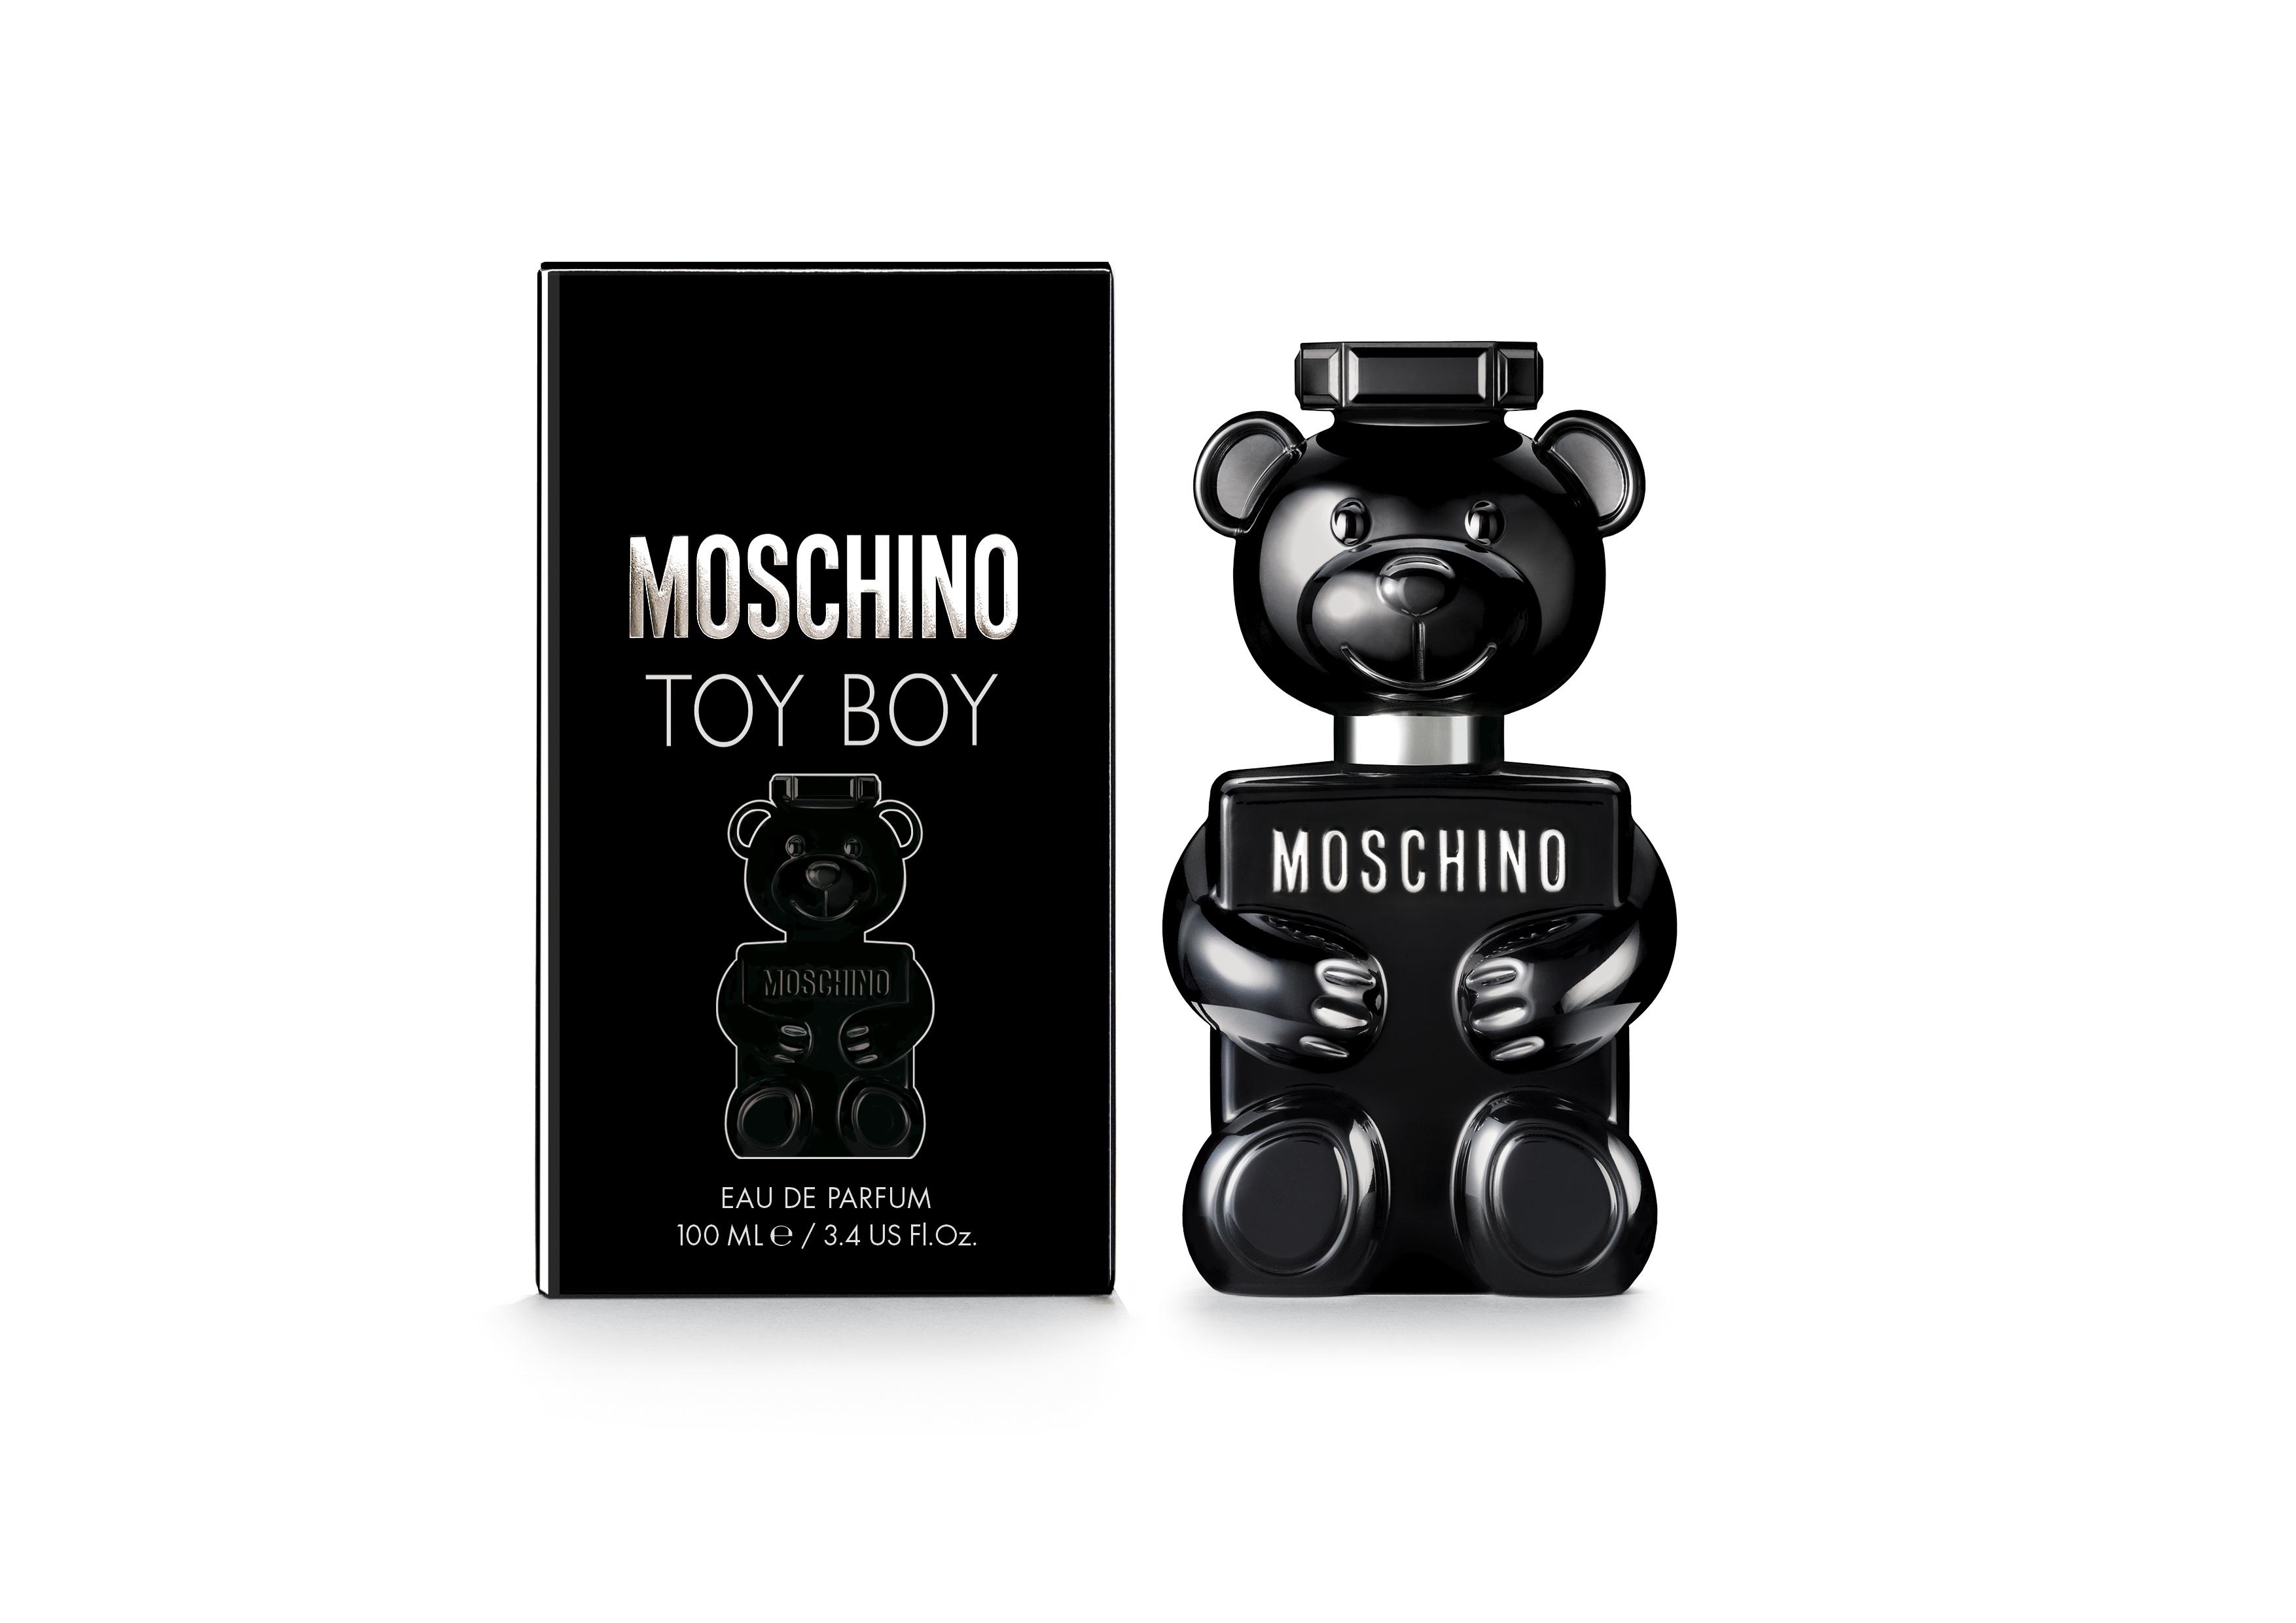 Moschino regresa con la segunda edición de su icónica fragancia en forma de osito. El aroma para él, con el frasco negro, se destaca por sus notas aromáticas de madera y cuero. Exclusivo de JC Penney. (Suministrada)